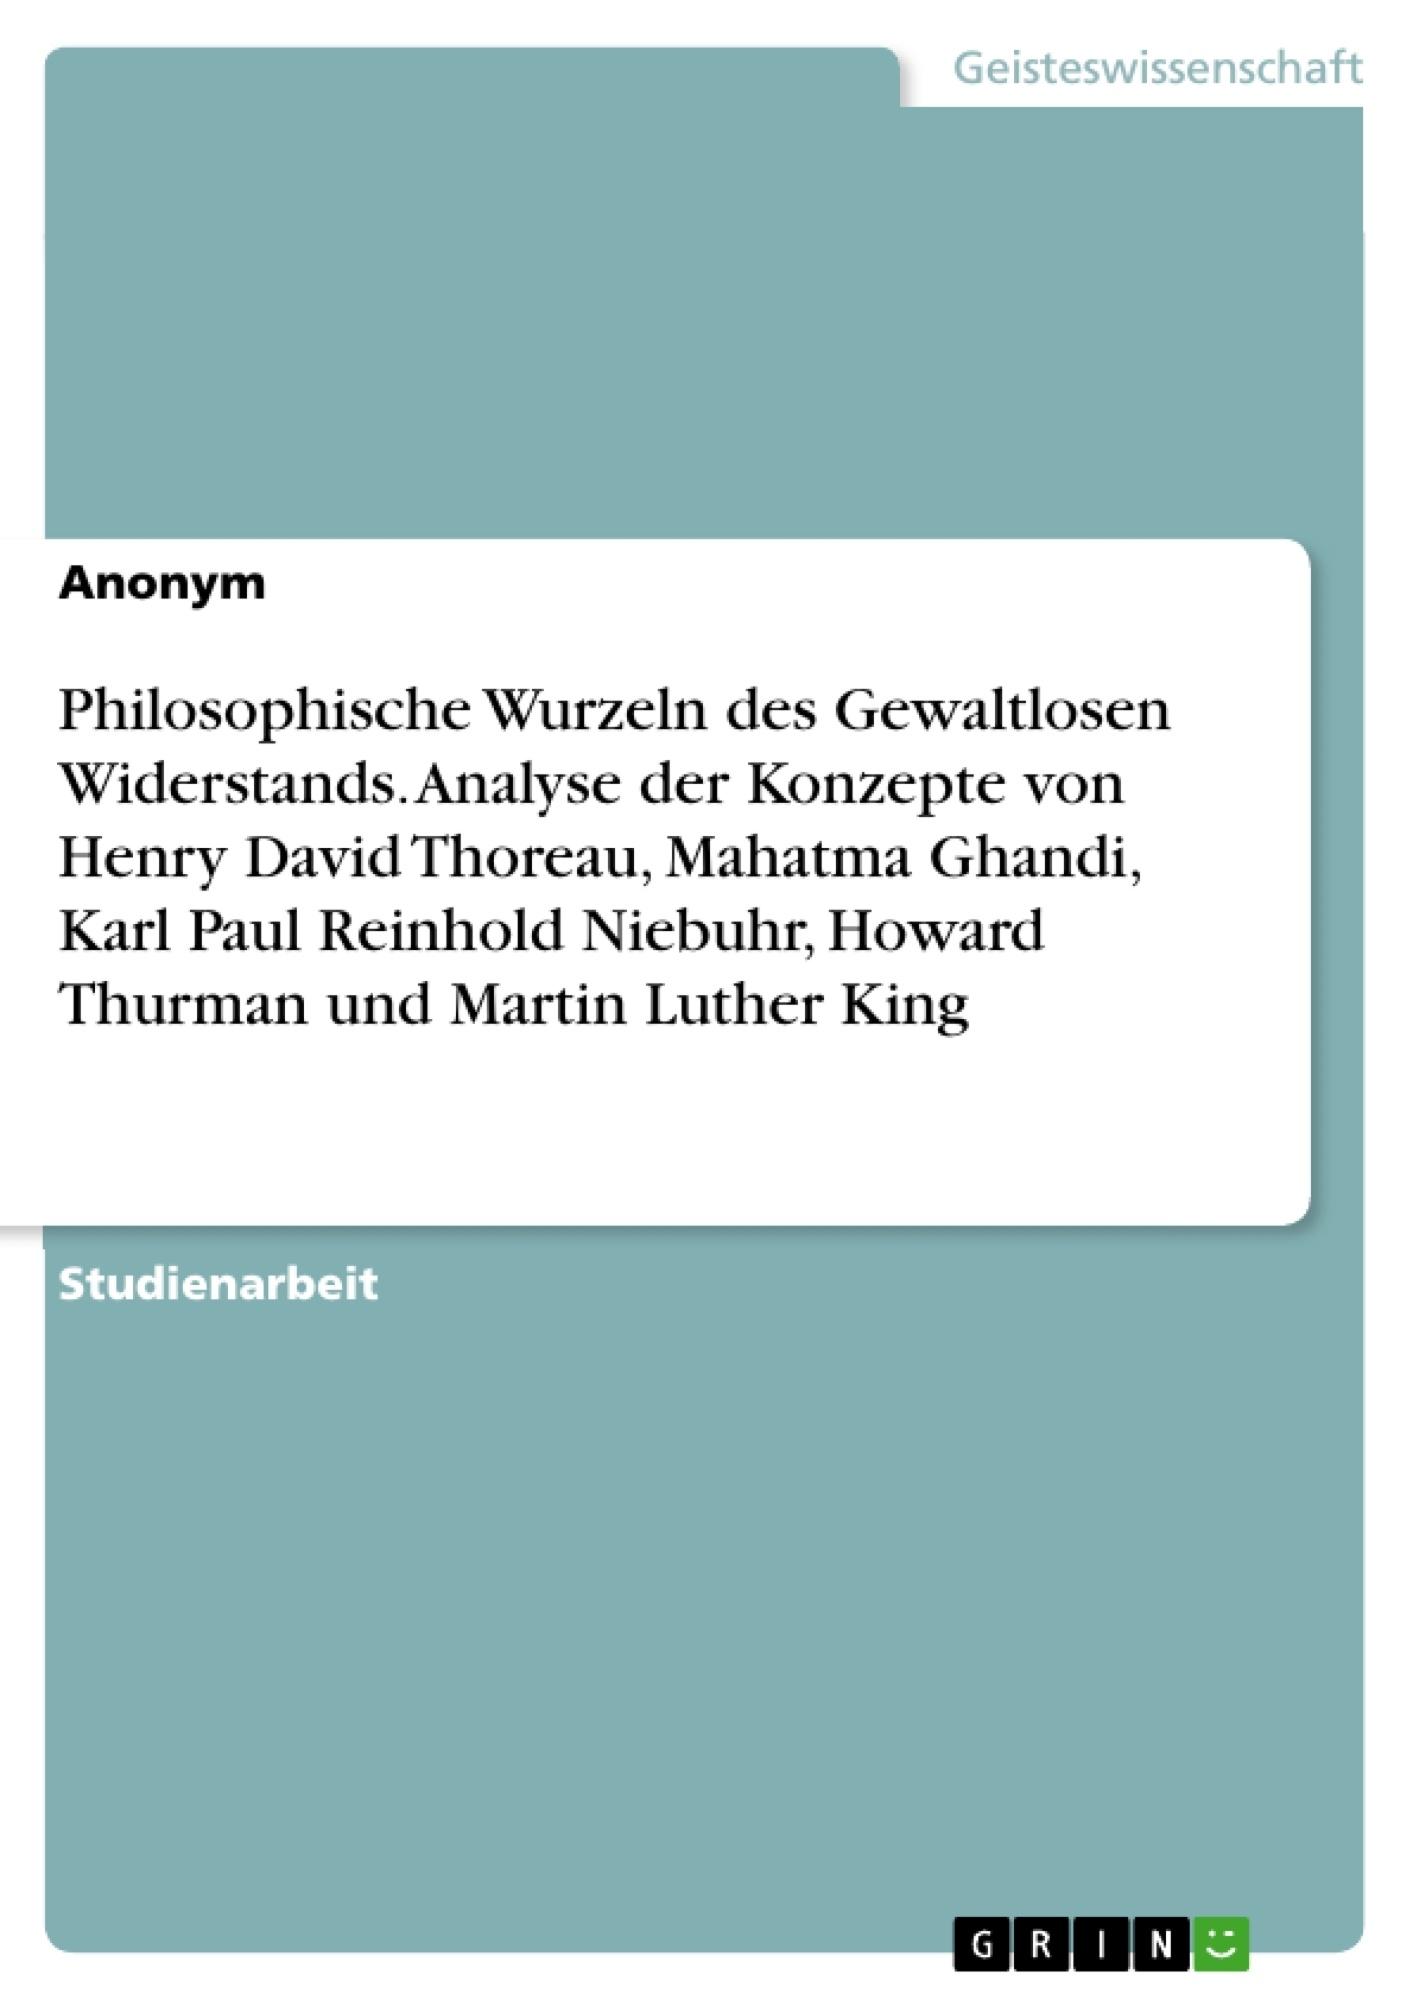 Titel: Philosophische Wurzeln des Gewaltlosen Widerstands. Analyse der Konzepte von Henry David Thoreau, Mahatma Ghandi, Karl Paul Reinhold Niebuhr, Howard Thurman und Martin Luther King